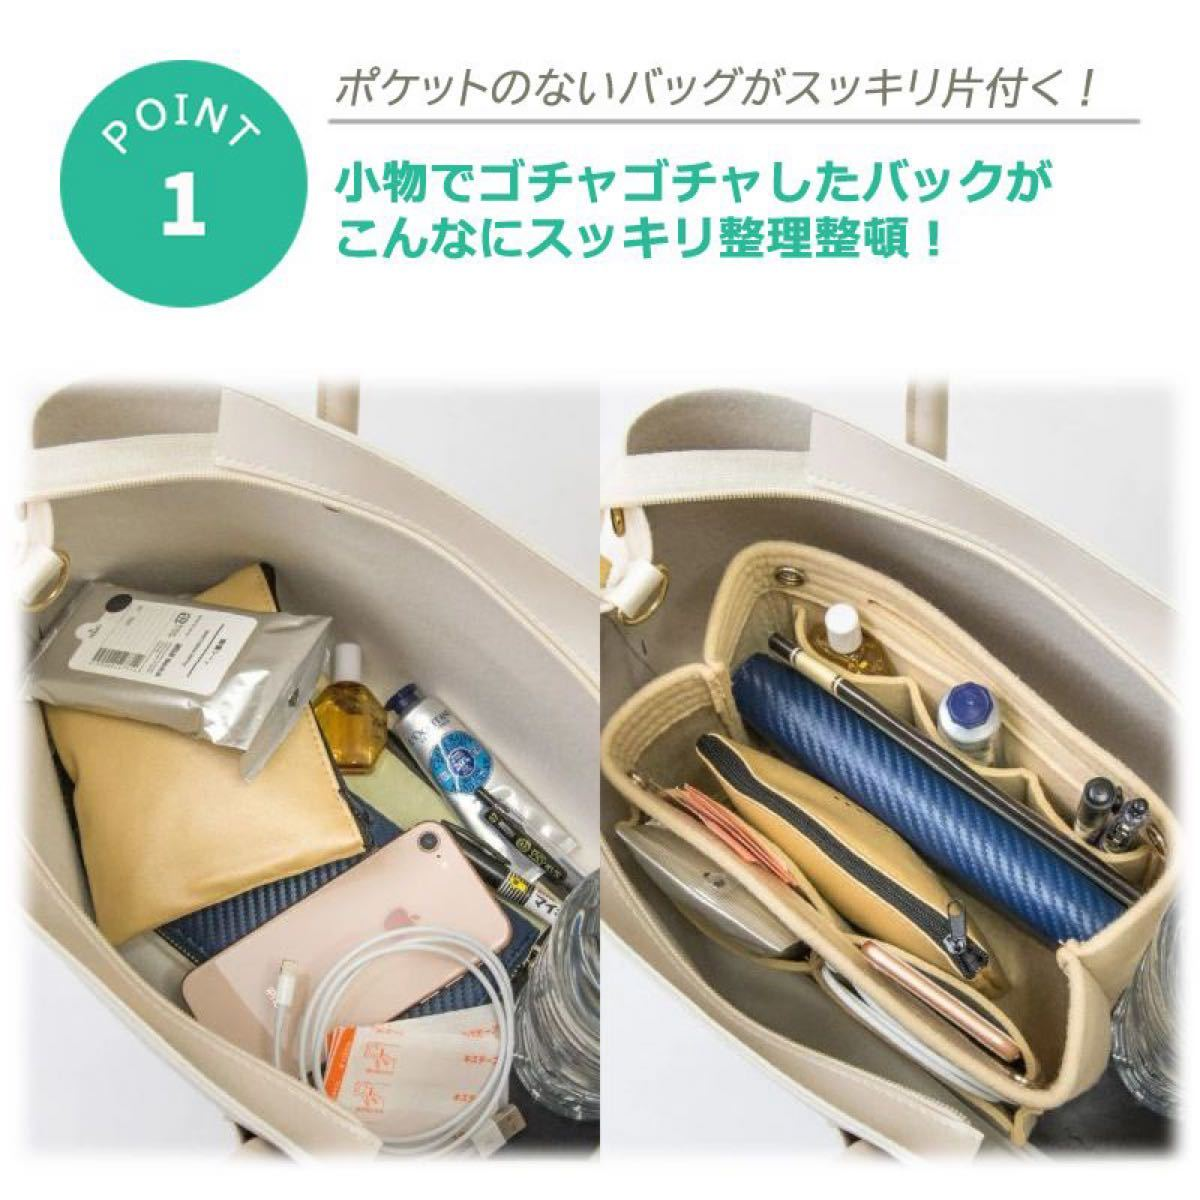 フェルト製 バッグインバッグ オレンジ 収納 整理 ポケット トートバッグ   収納バッグ 軽量バッグ 大容量 インナーバッグ